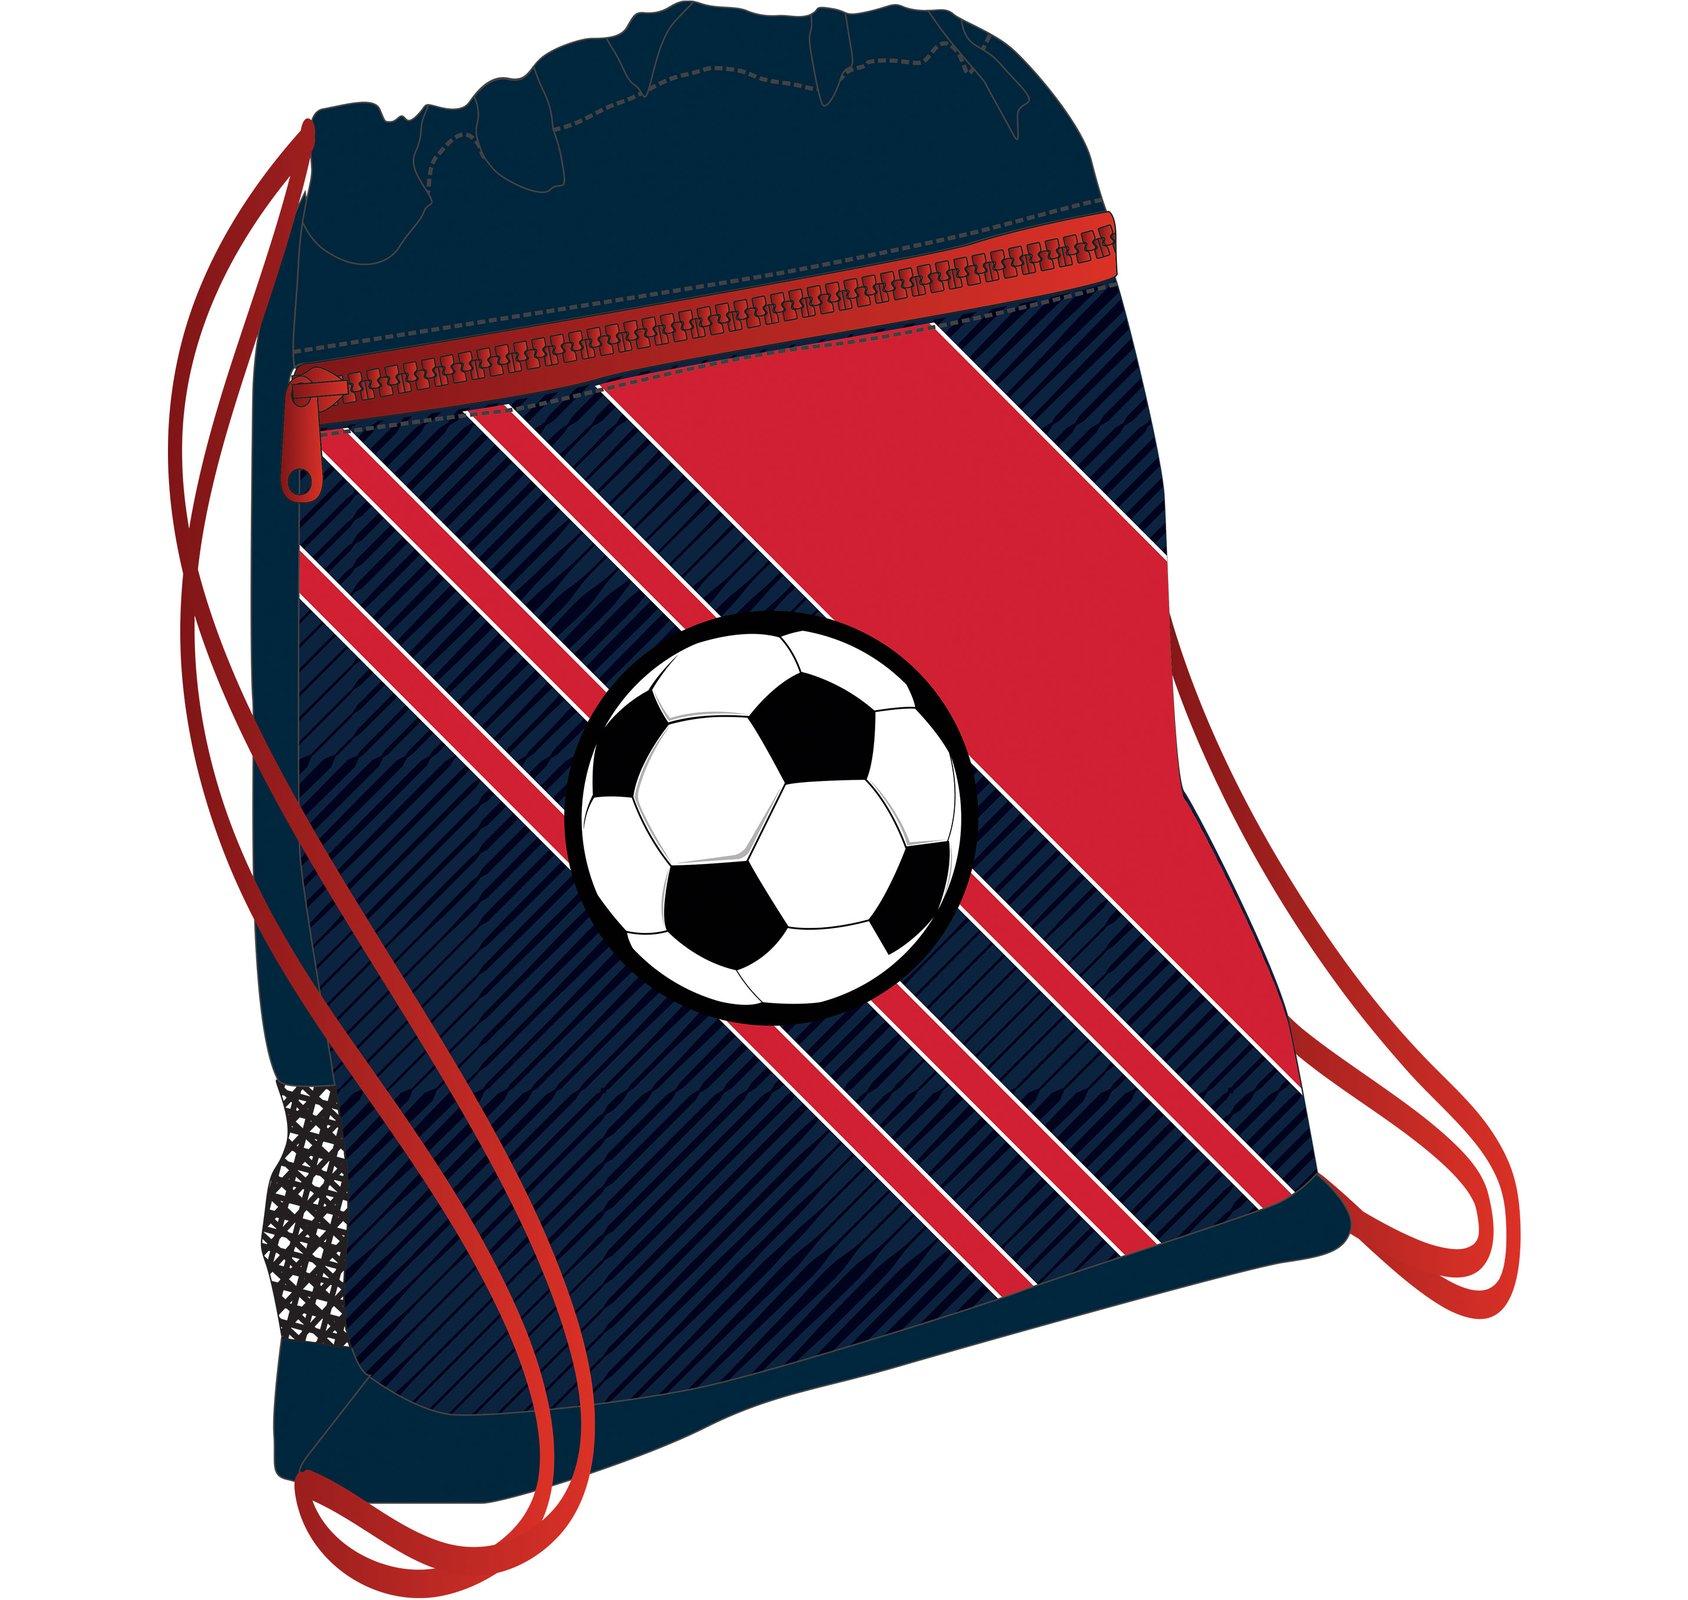 Ранец Belmil Футбольный Клуб 404 5 Football Club Red + мешок, - фото 7